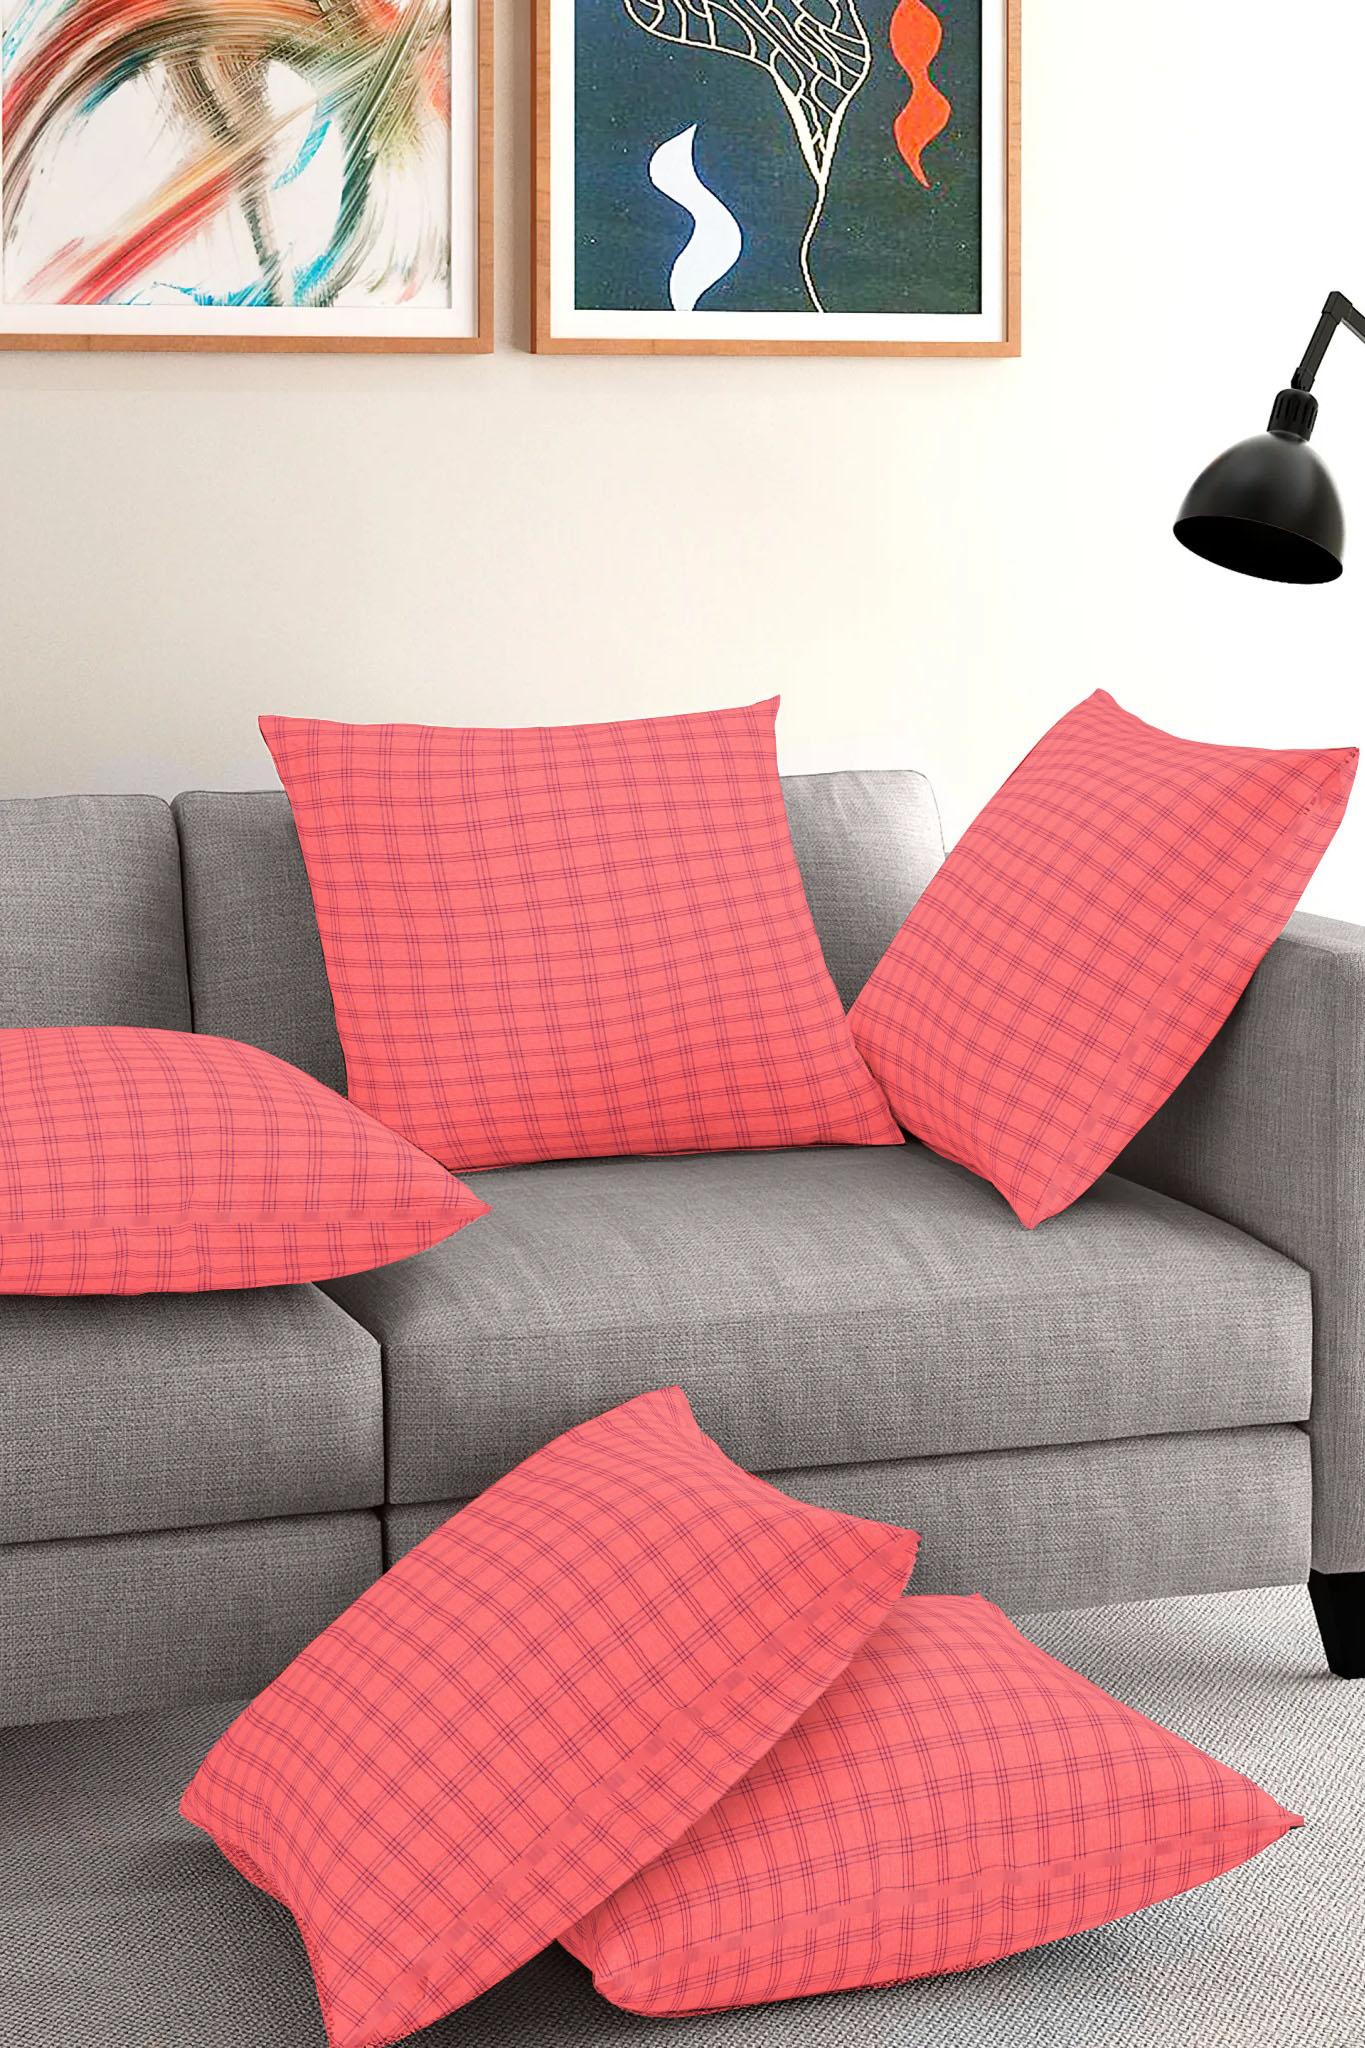 Set of 5-Peach Blue Cotton Cushion Cover-35385-16x16 Inches